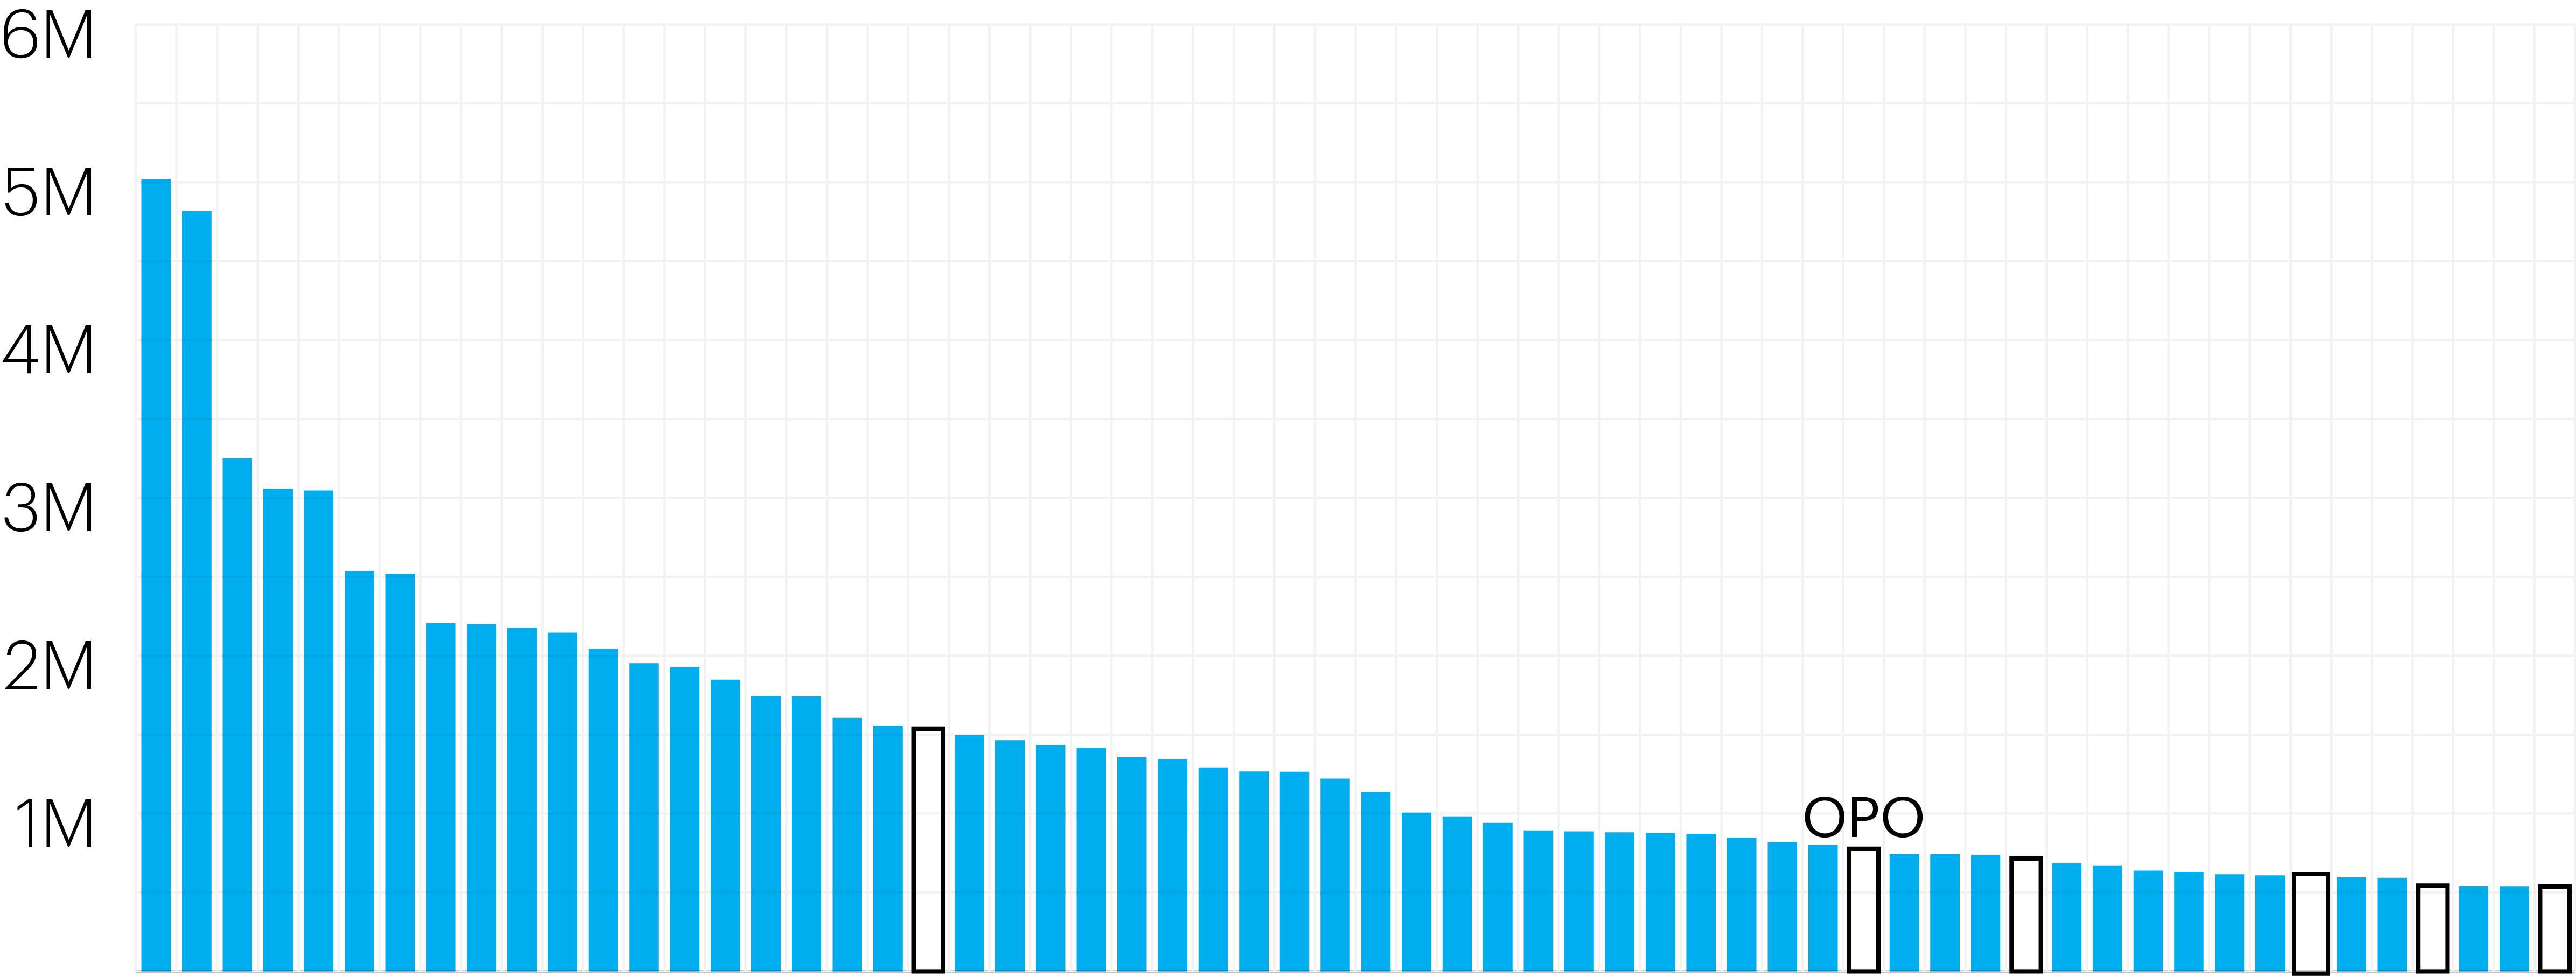 60 principais rotas europeias a partir de Londres, por nº de passageiros. Colunas a azul representam as rotas com voos diretos para Heathrow operados pela BA ou companhia associada. Dados: CAA (2018)